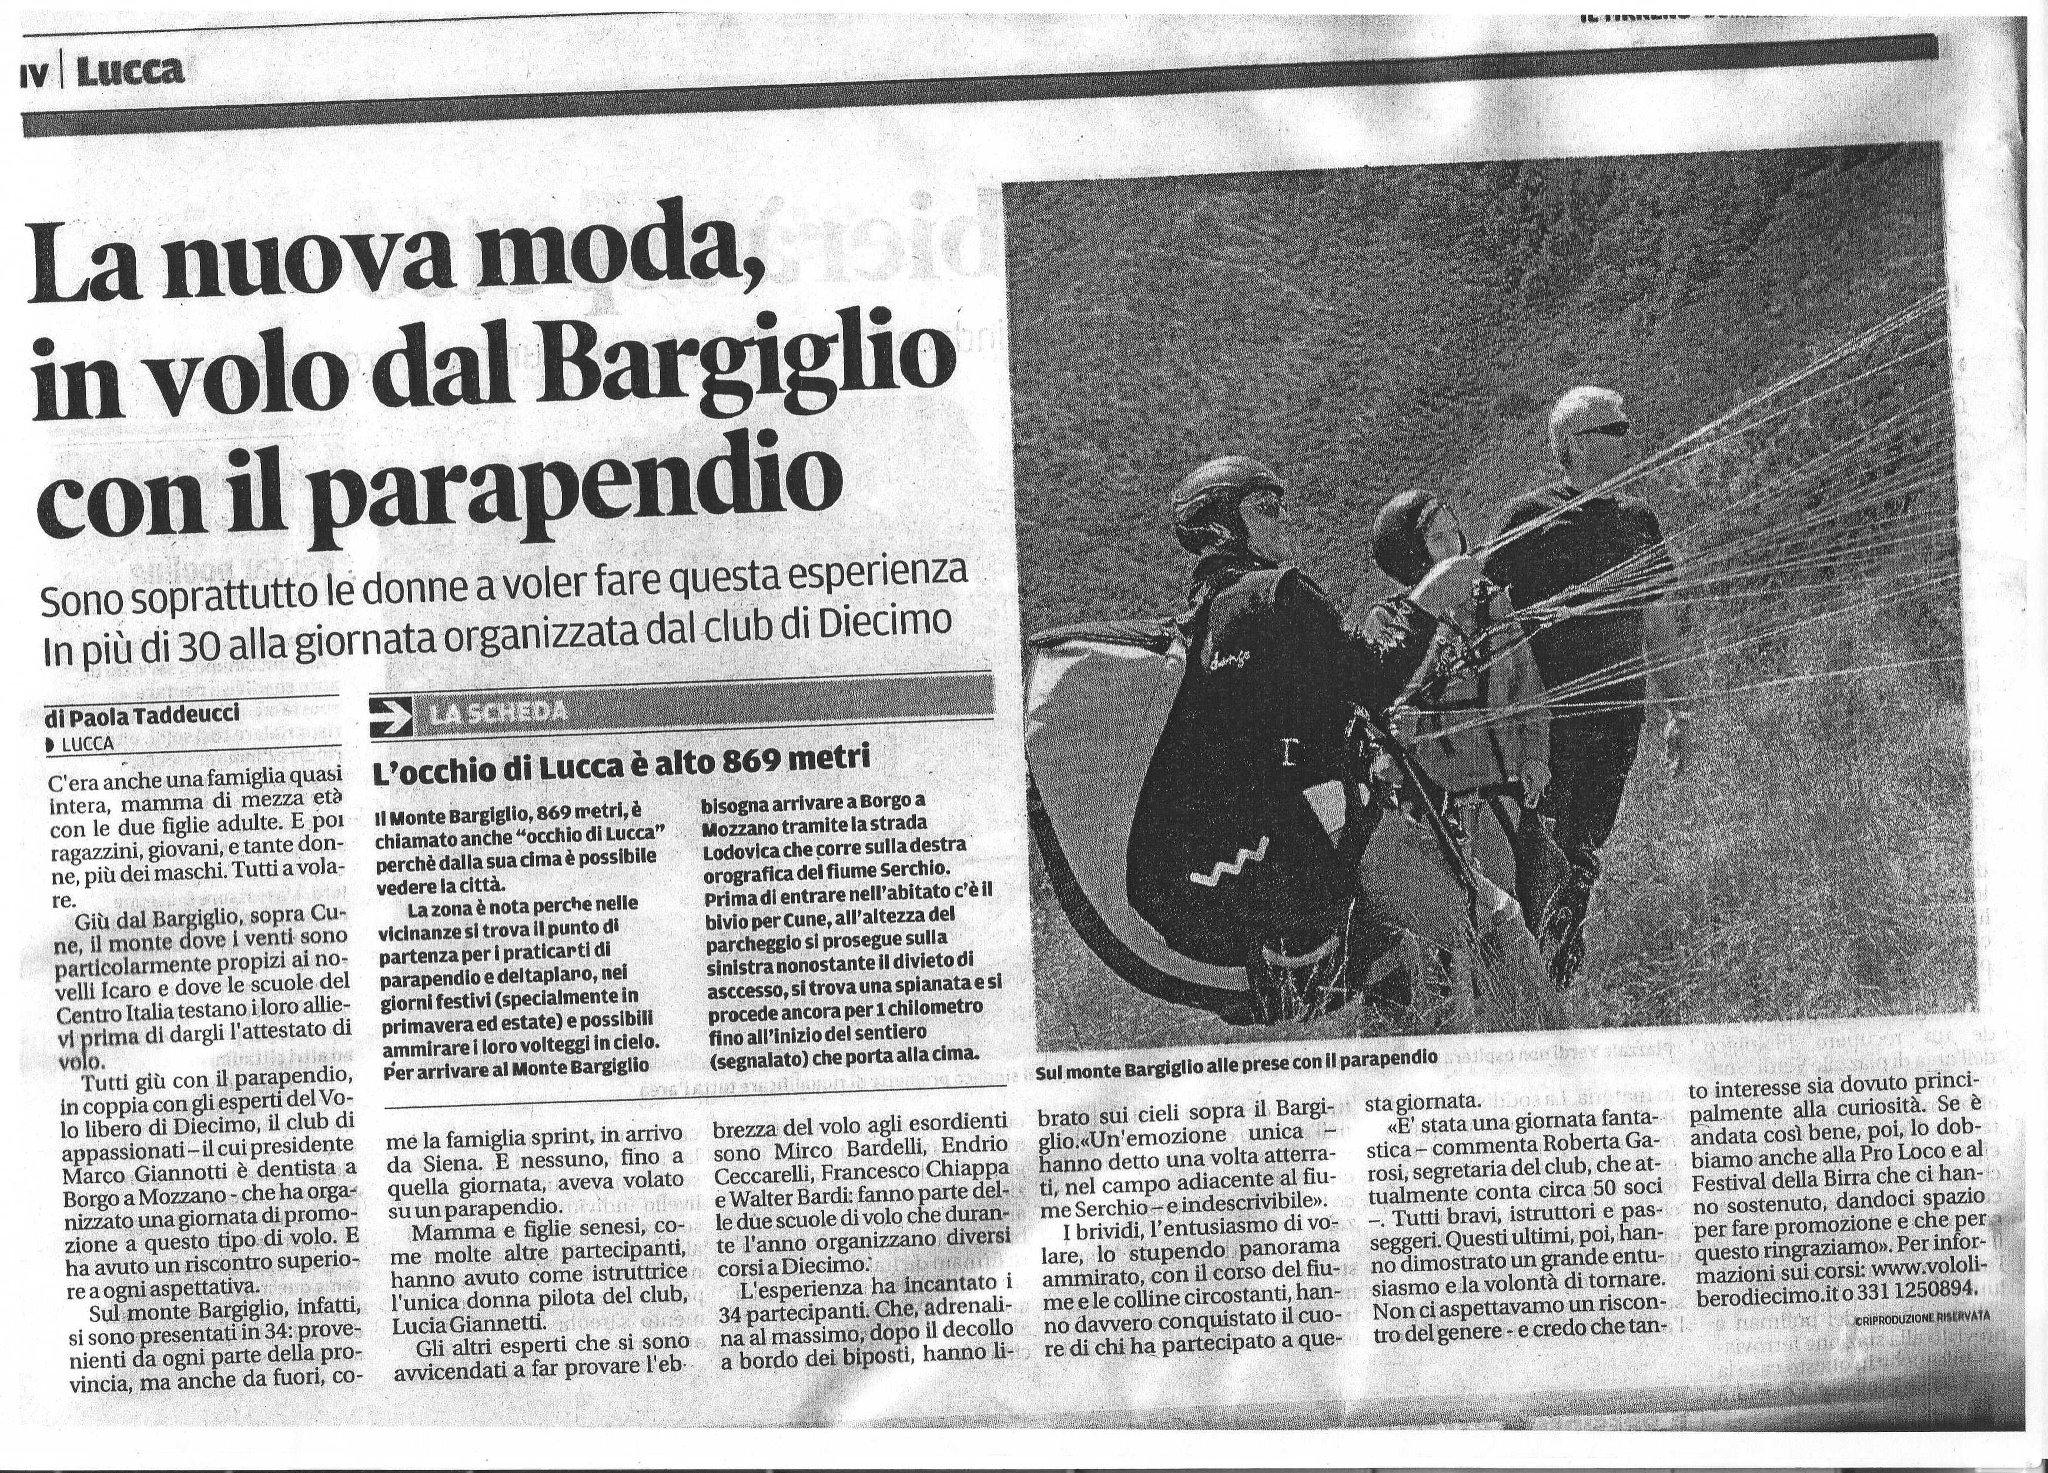 Il Tirreno 6 agosto 2012